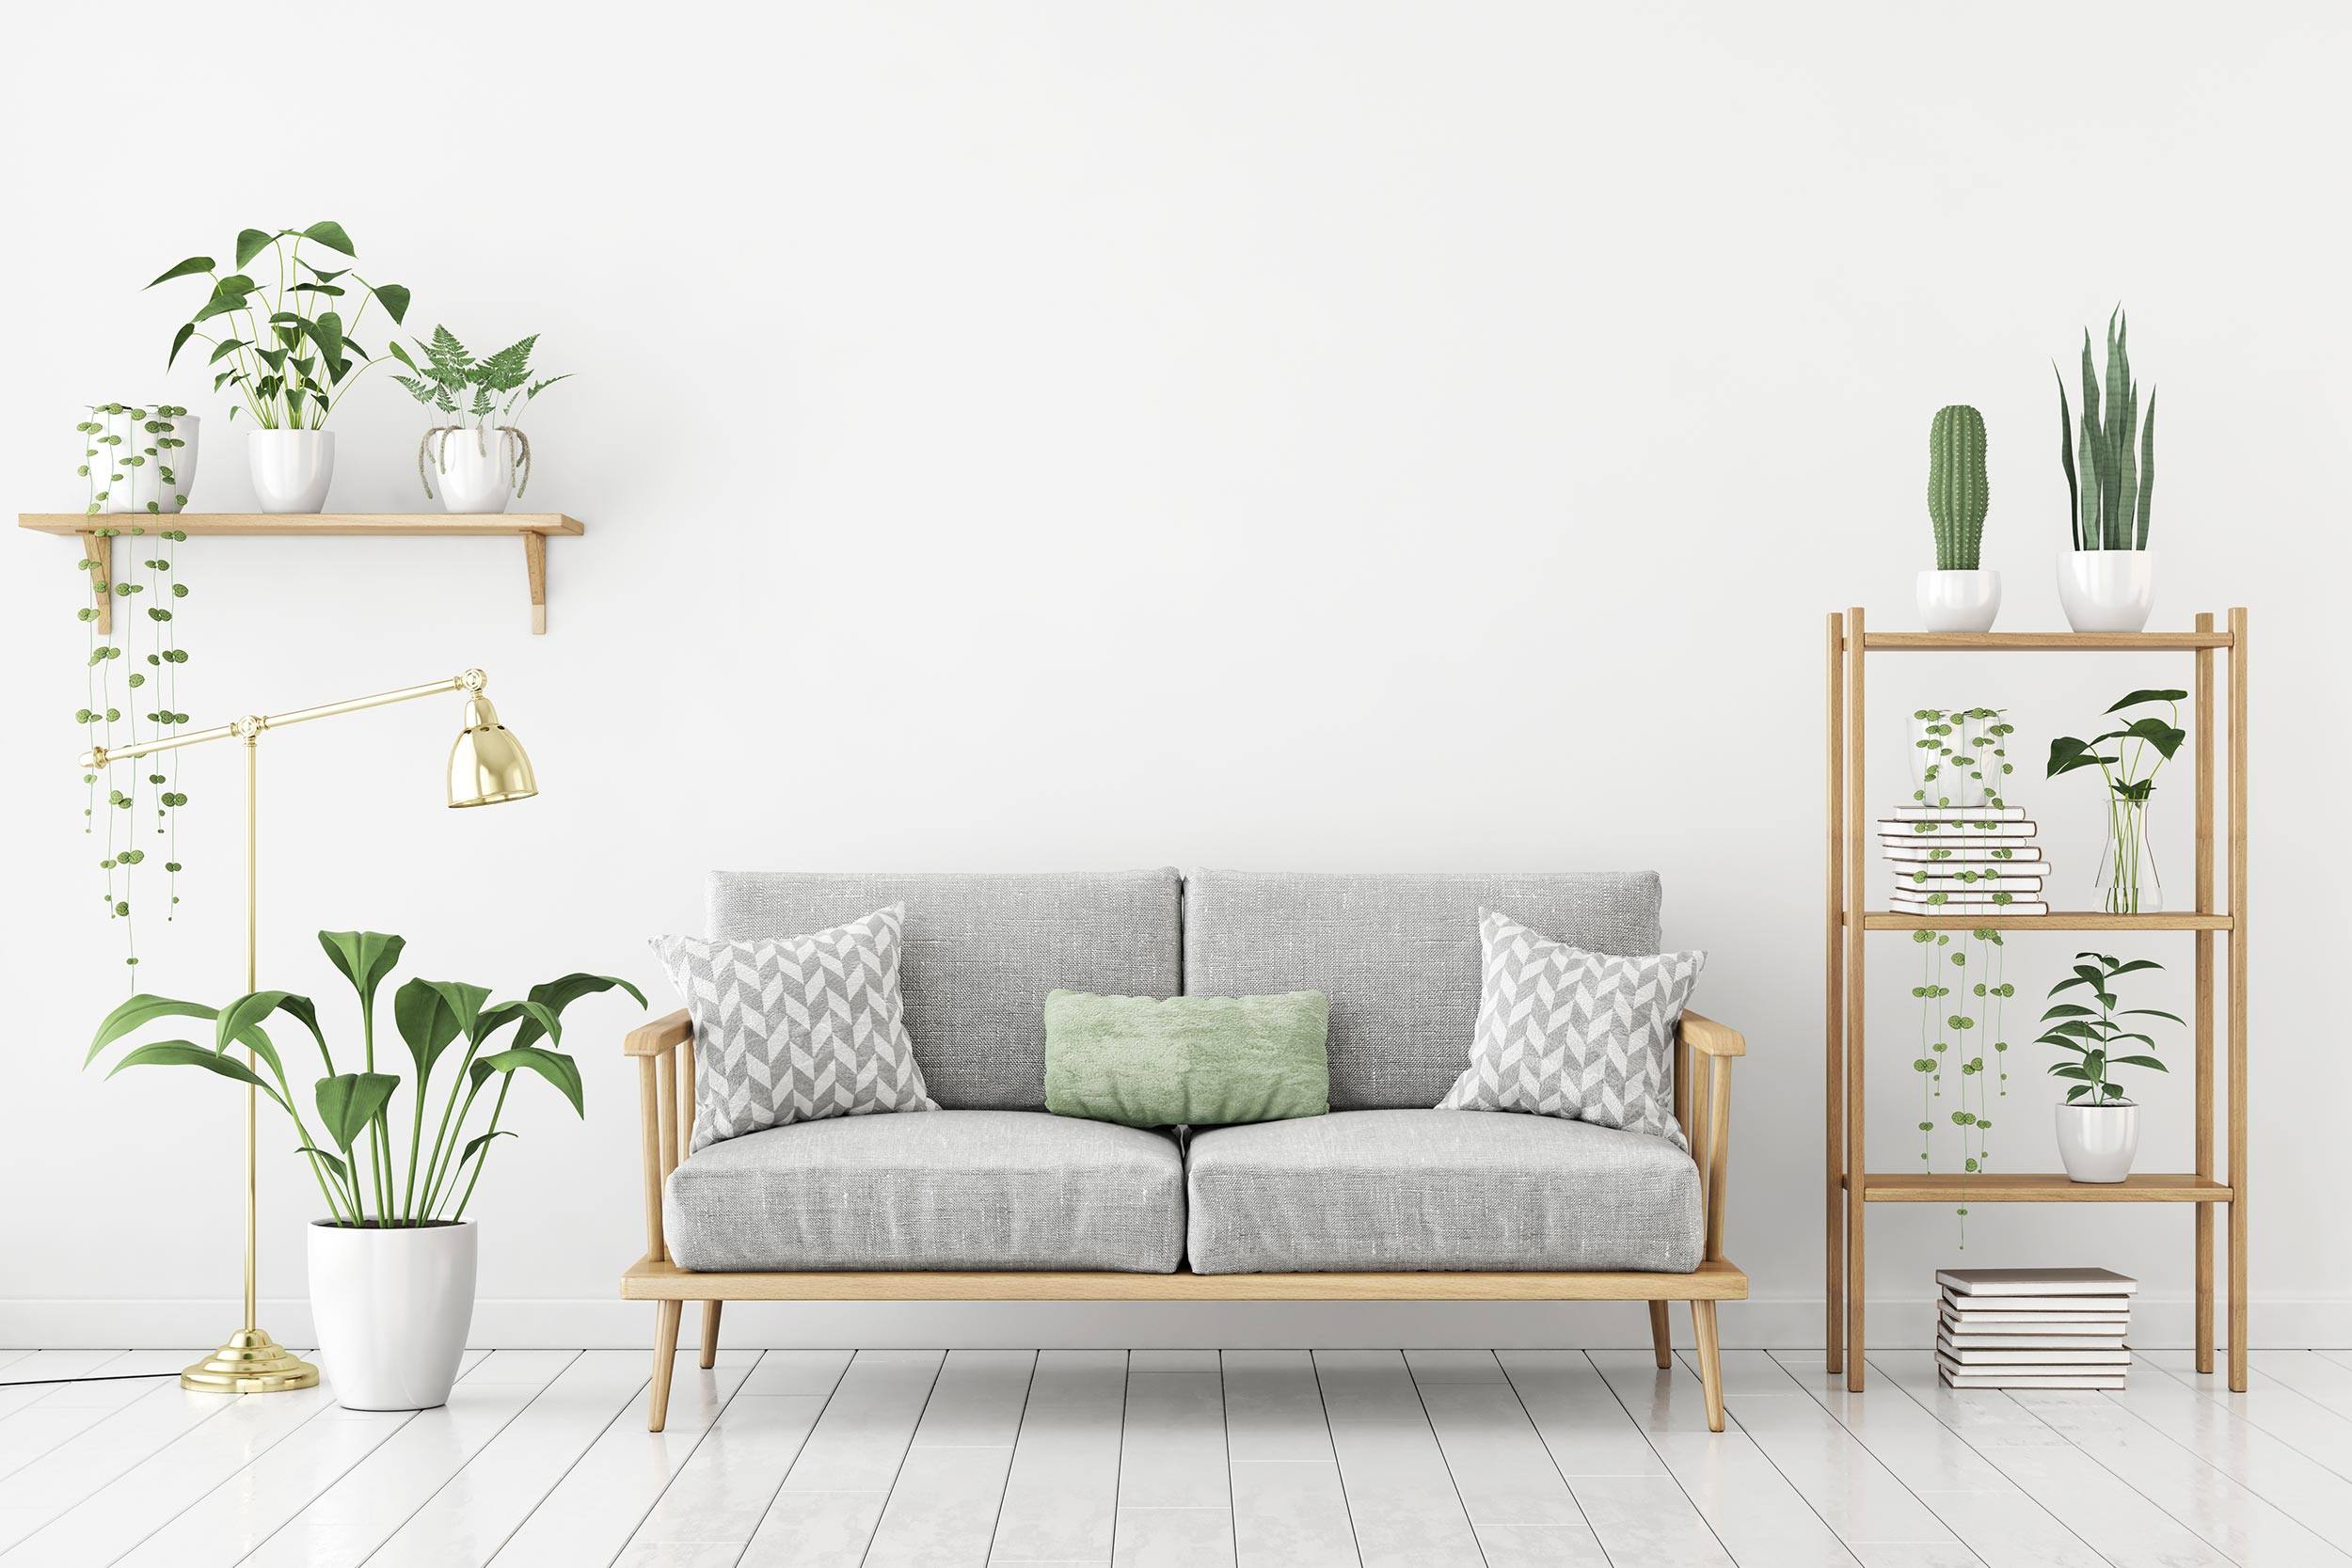 Kauč i police s knjigama i biljkama